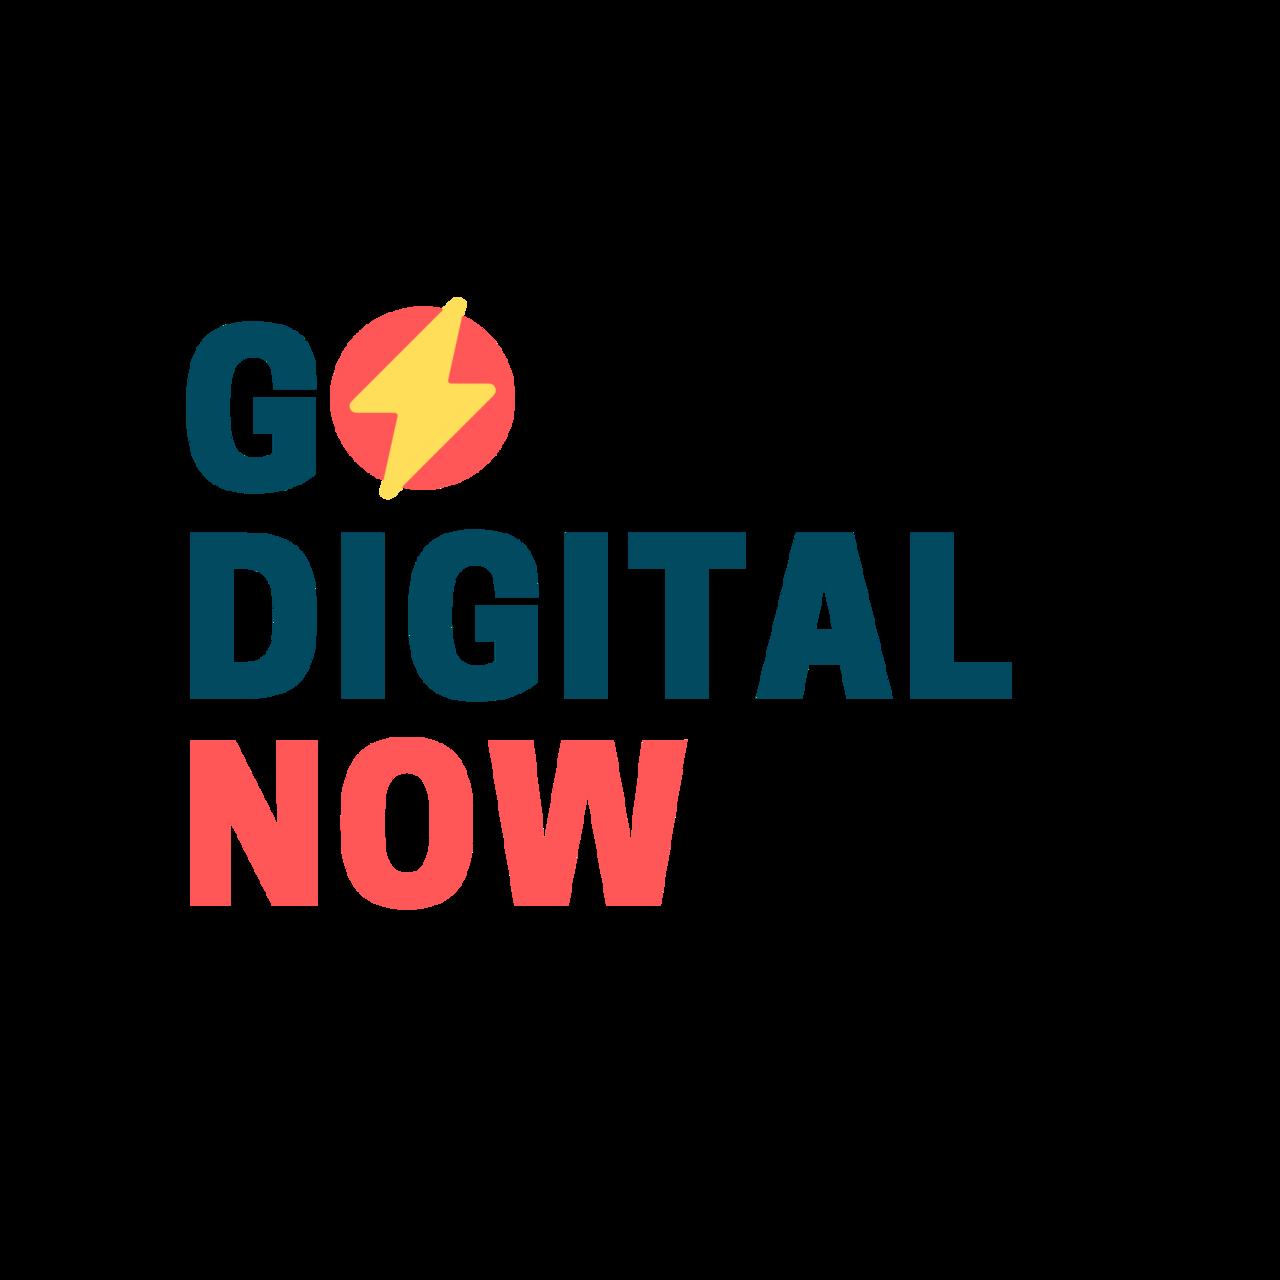 Go Digital Now Newsletter